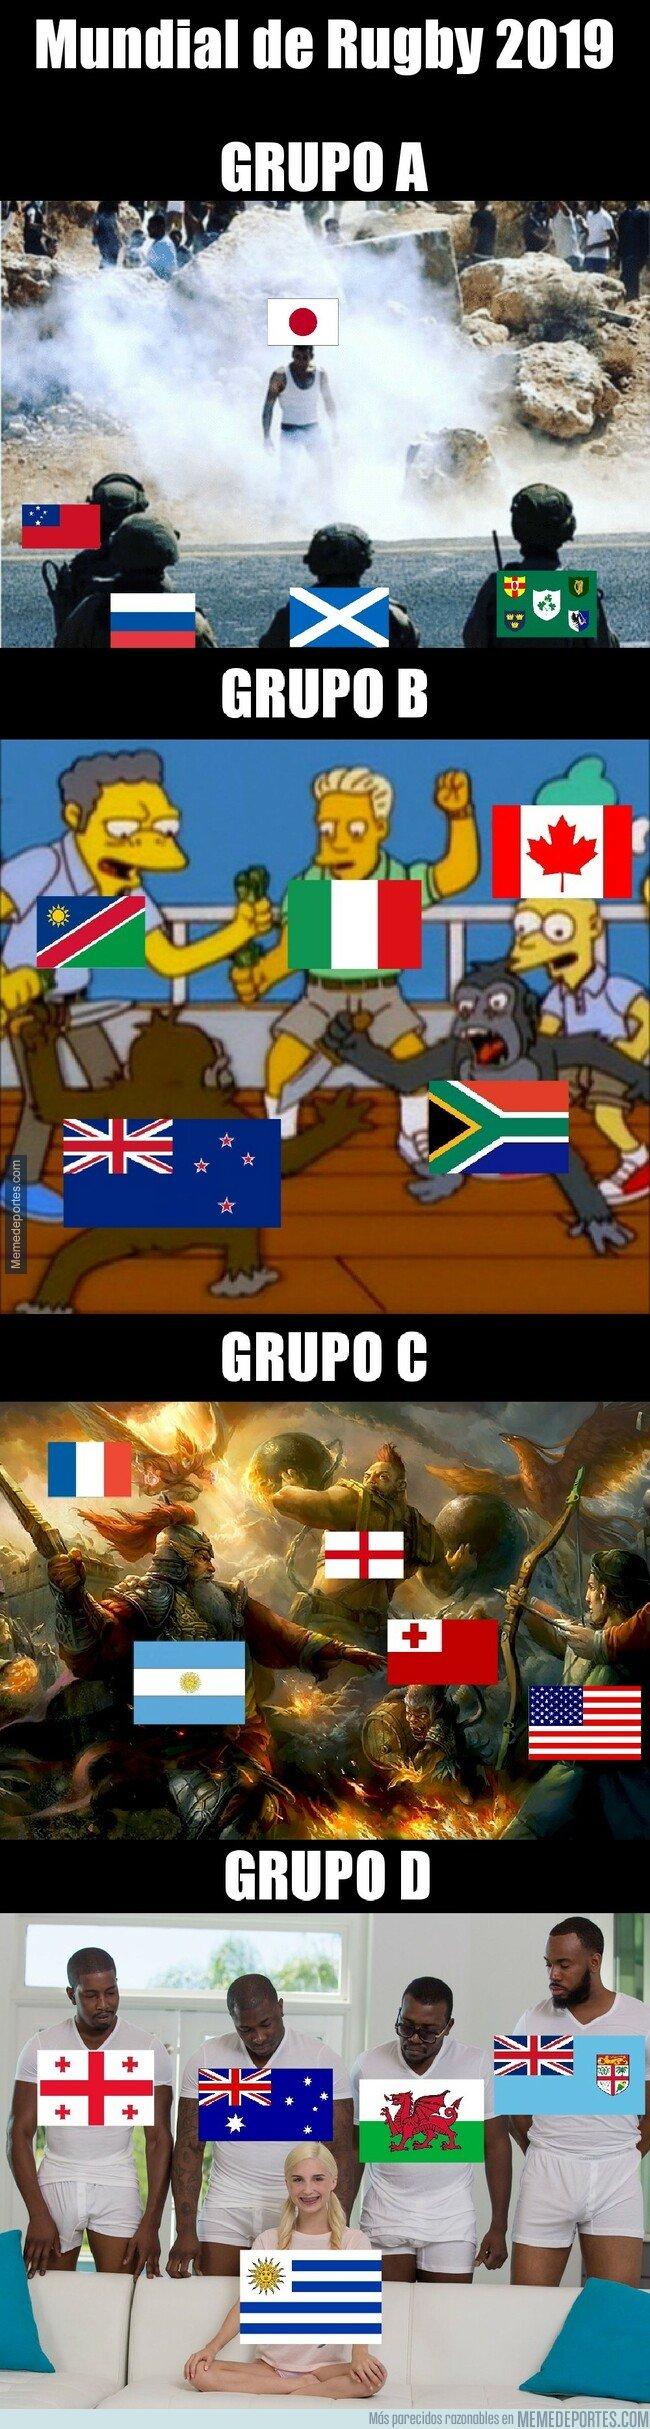 1085861 - Los grupos del Mundial de Rugby